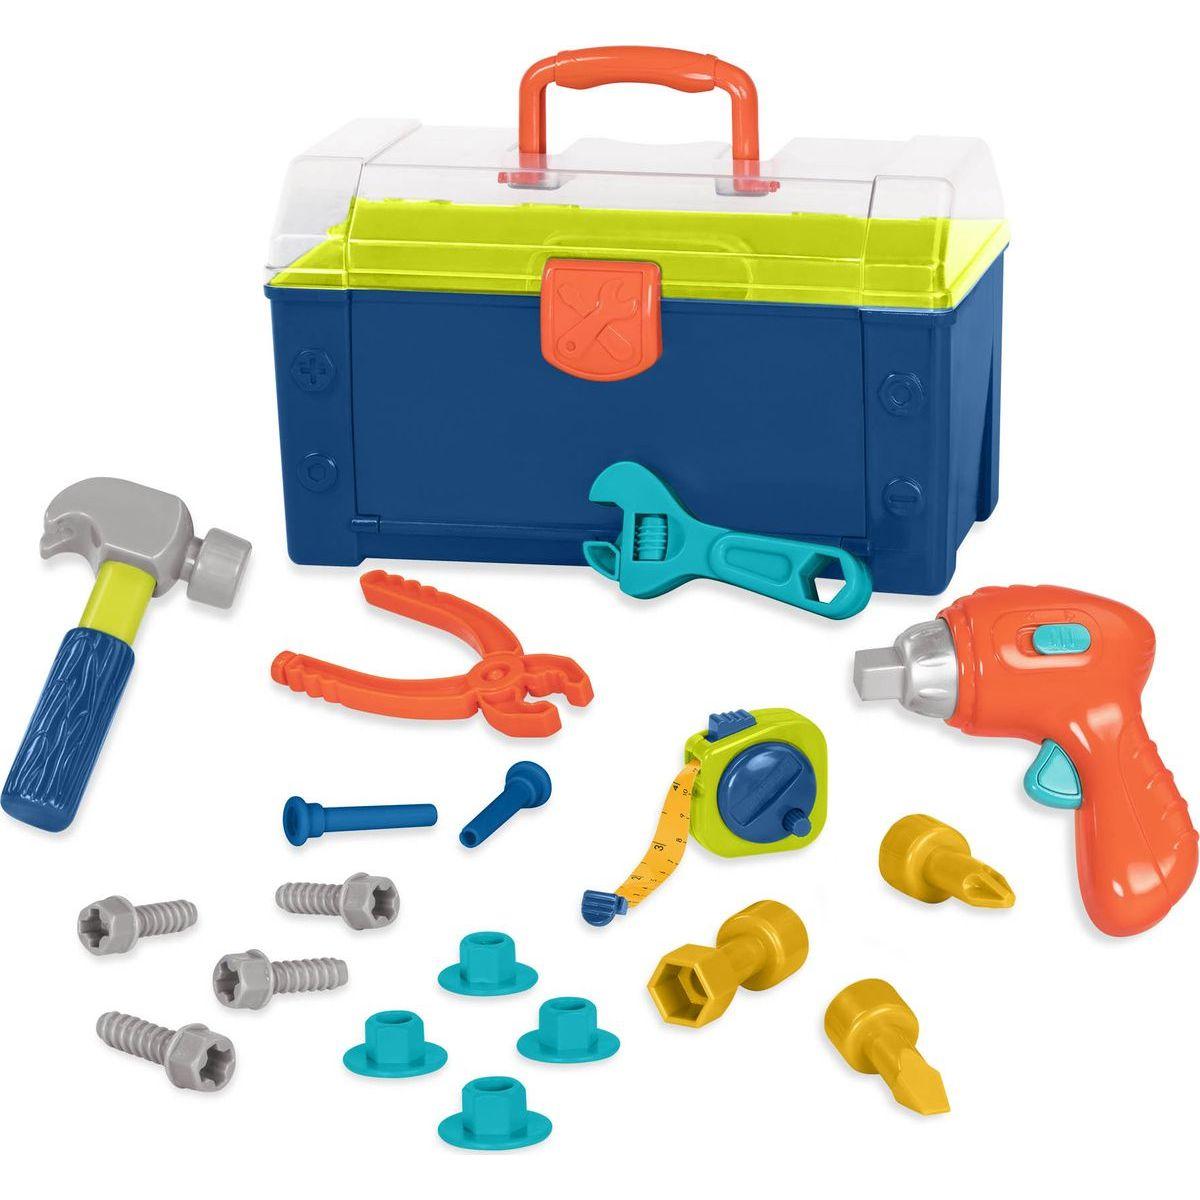 B.Toys Sada náradia v kufríku Busy Builder